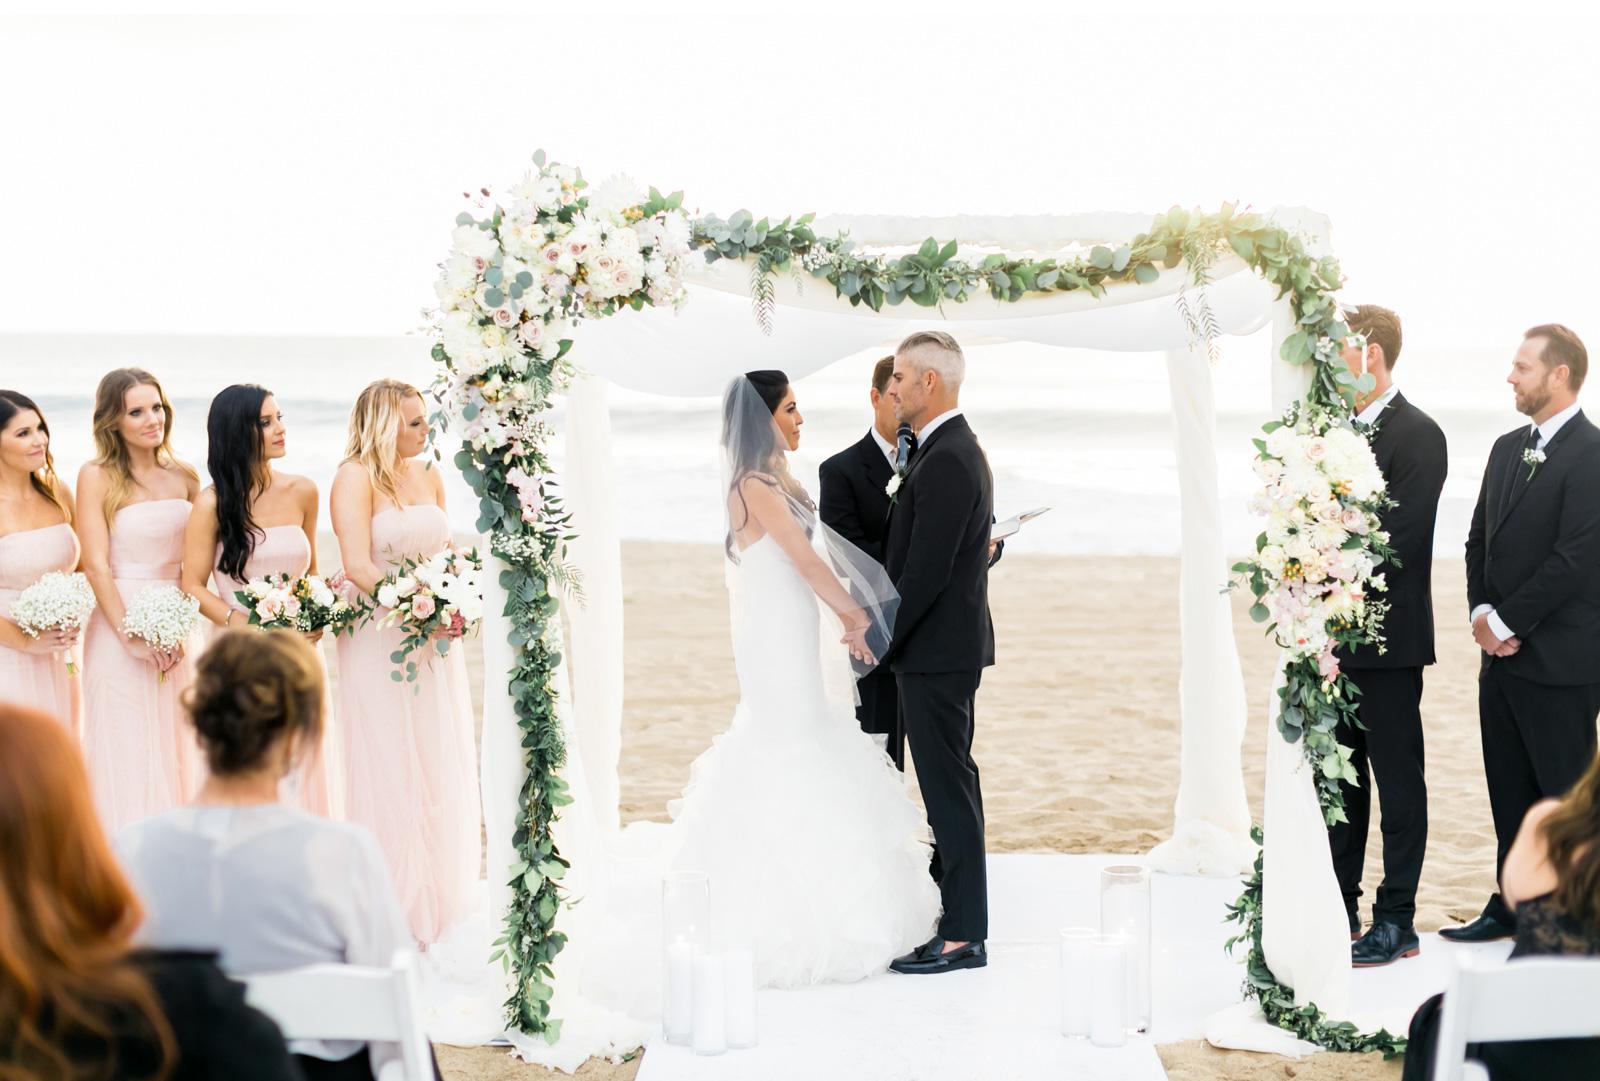 Southern-California-Fine-Art-Wedding-Photographer-Natalie-Schutt-Photography_07.jpg